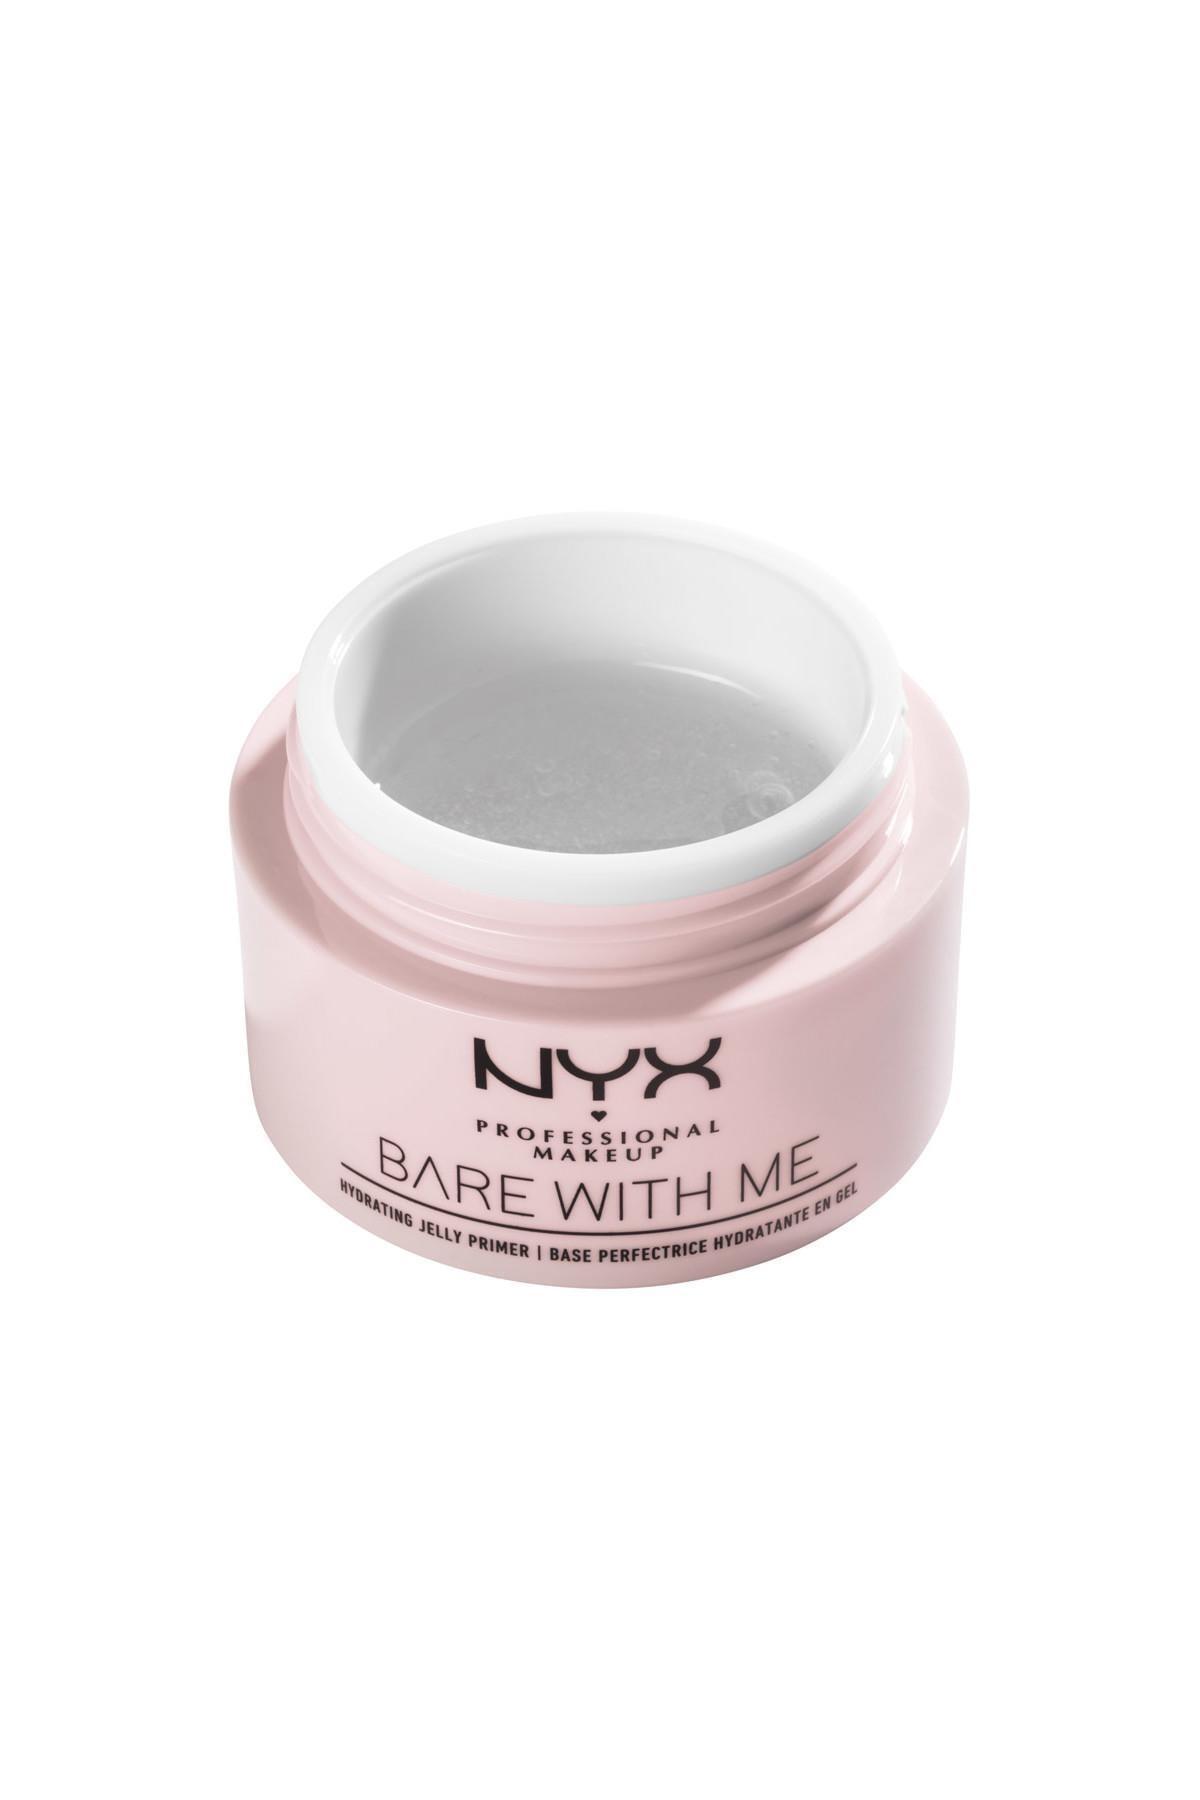 NYX Professional Makeup Nemlendirici Makyaj Bazı - Bare With Me Hydrating Jelly Primer 800897182557 2